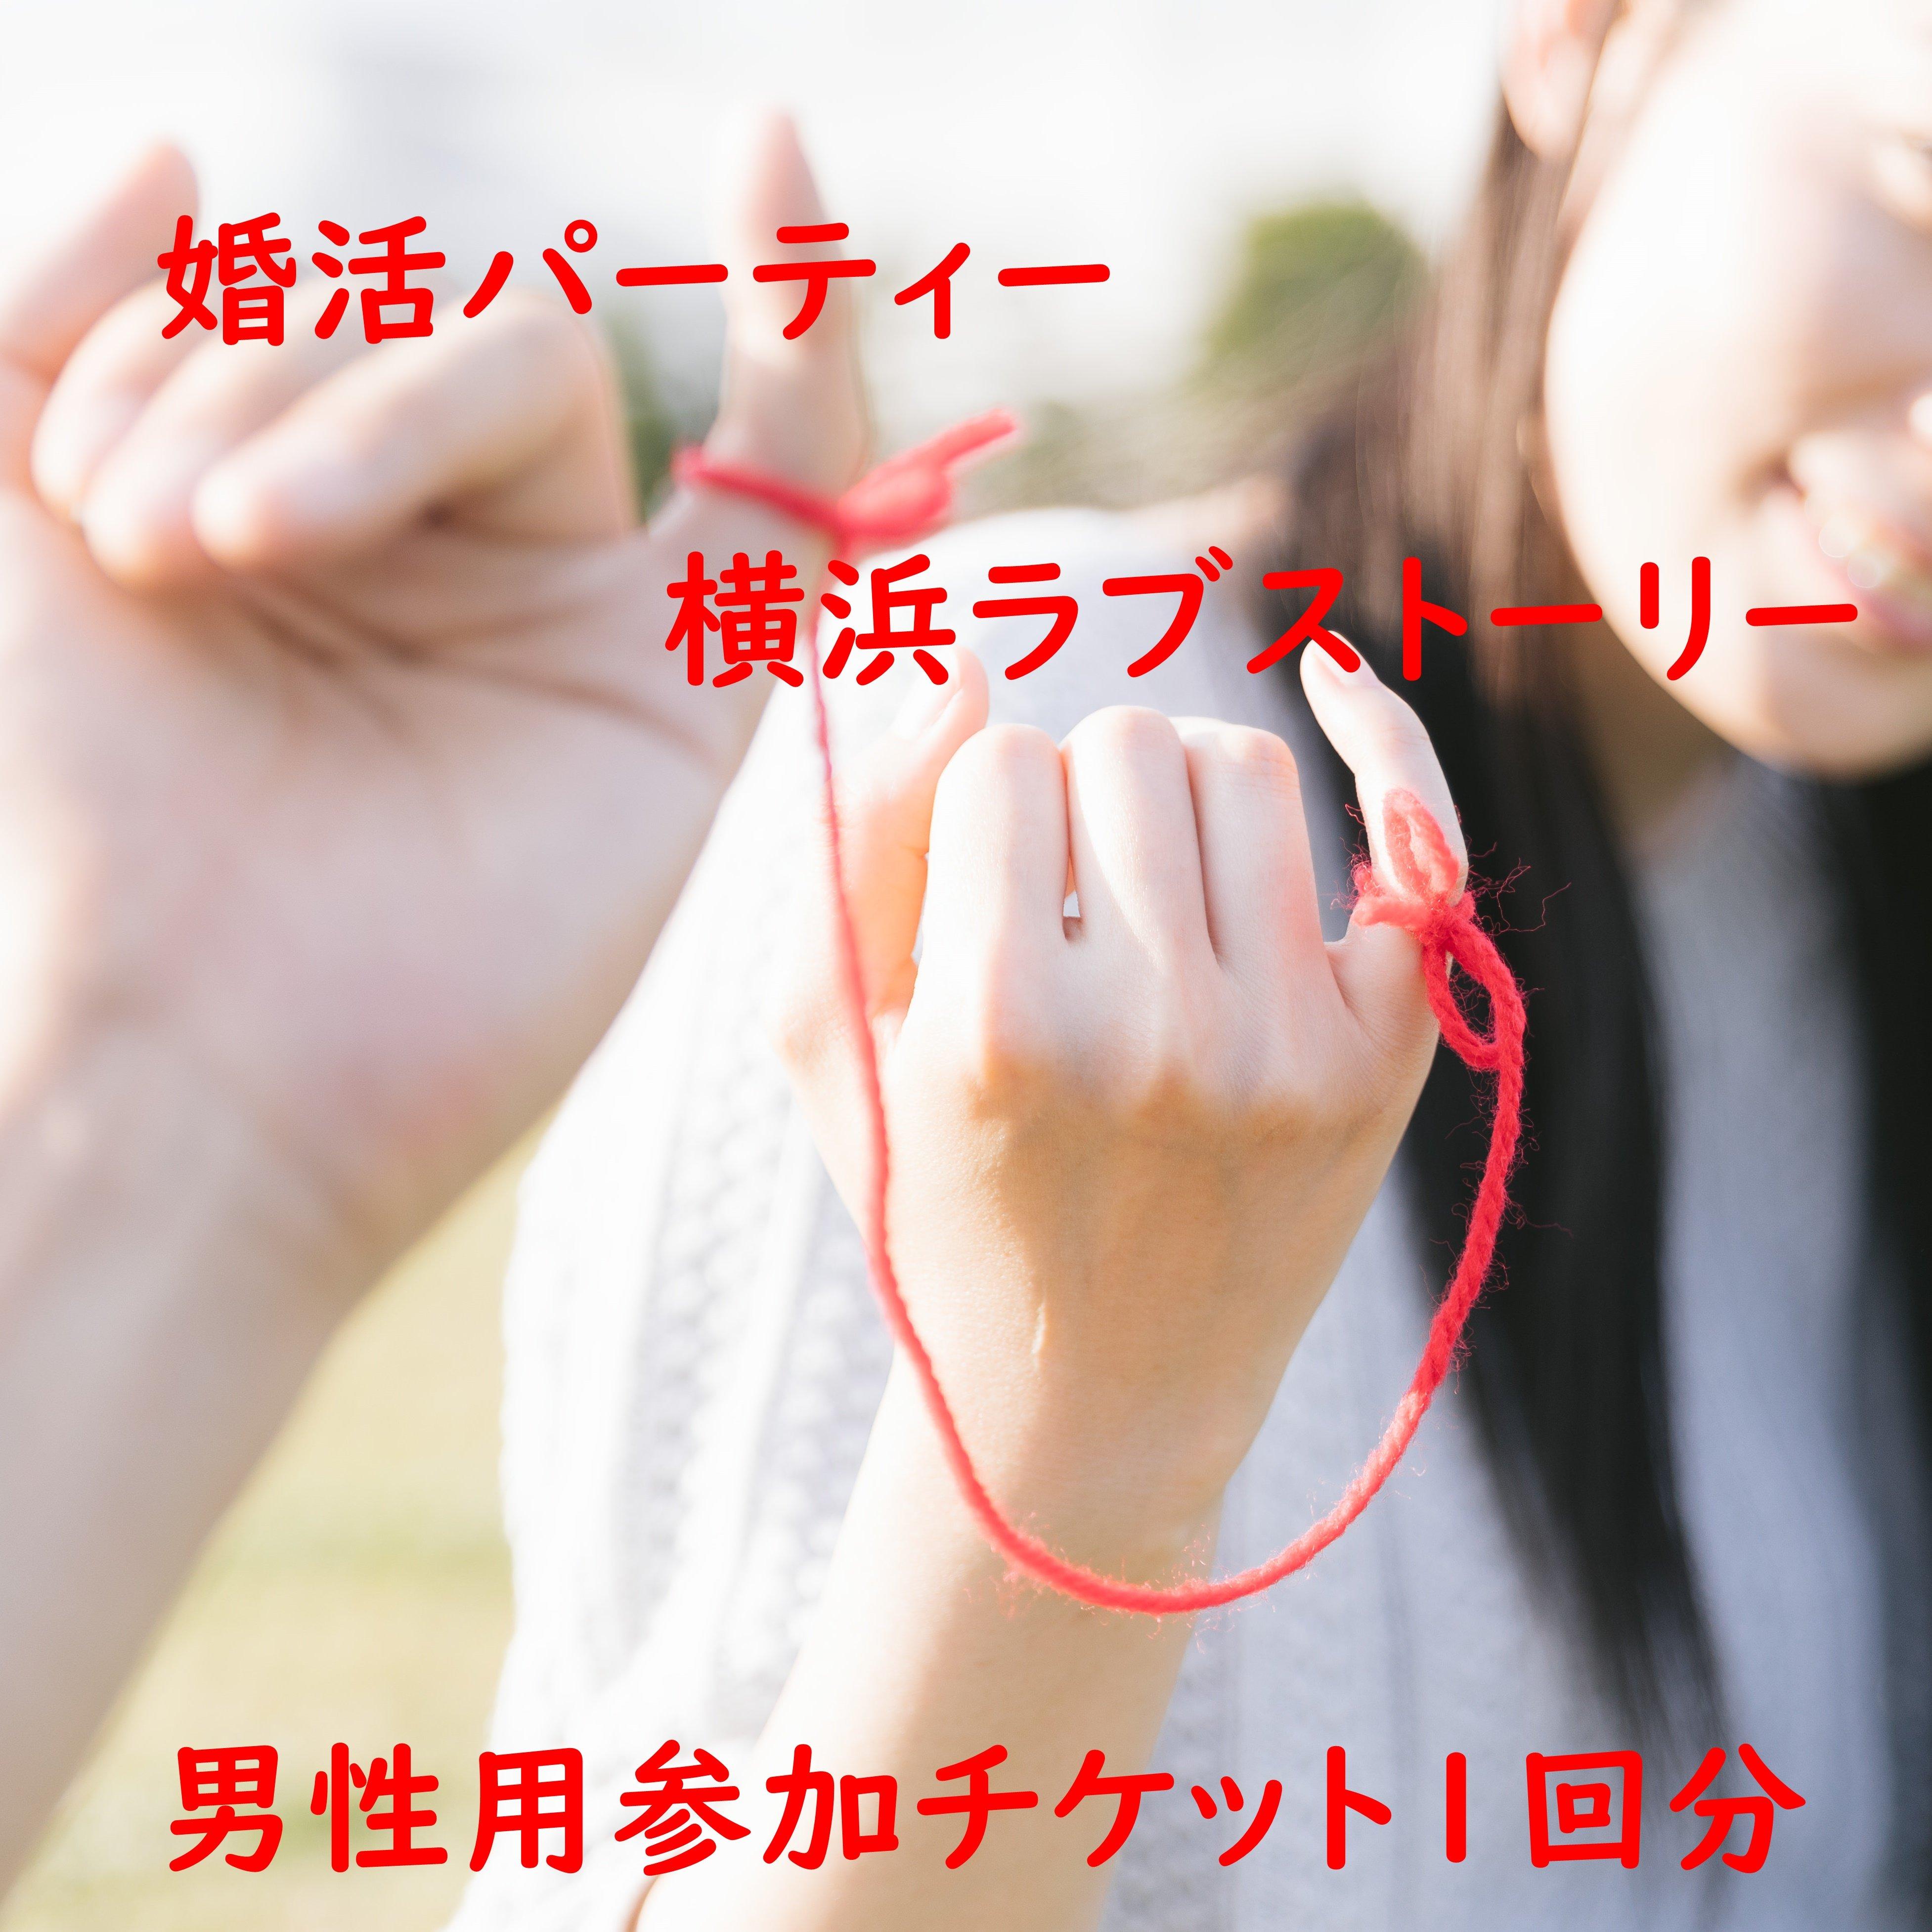 【婚活パーティー】オンライン婚活パーティー「横浜ラブストーリー」女性参加チケットのイメージその2